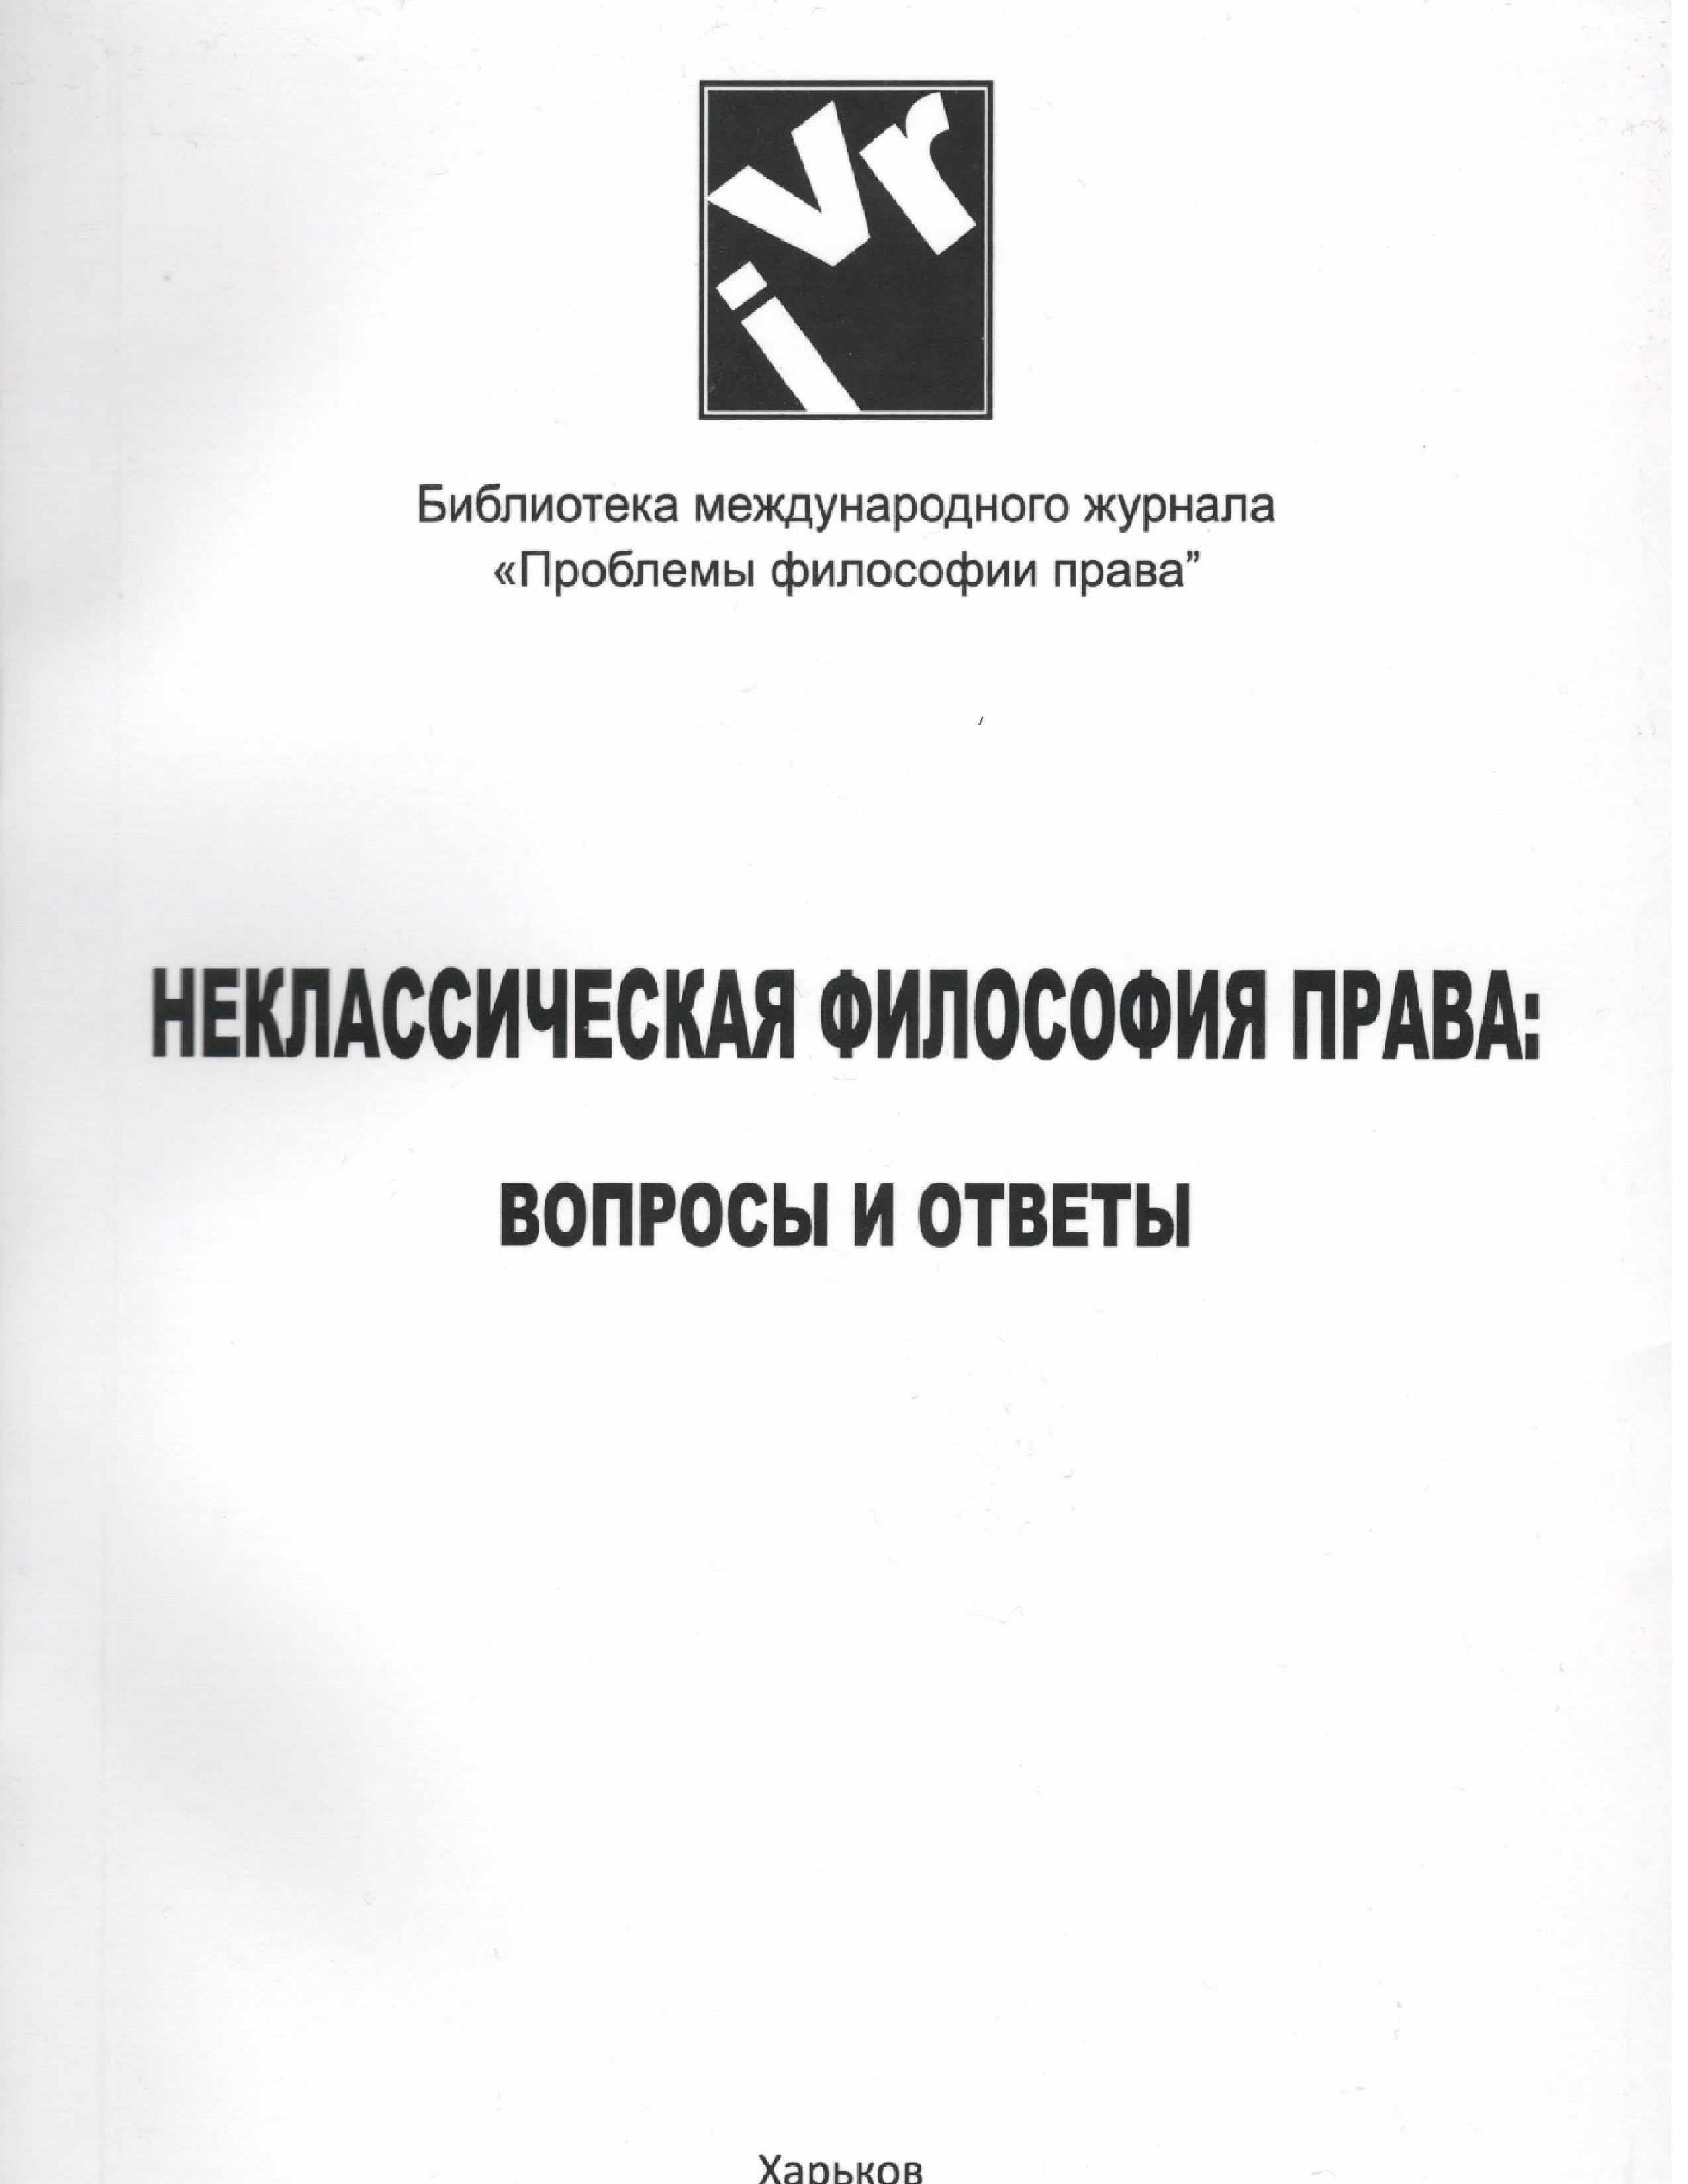 Либертарно-институциональная концепция права